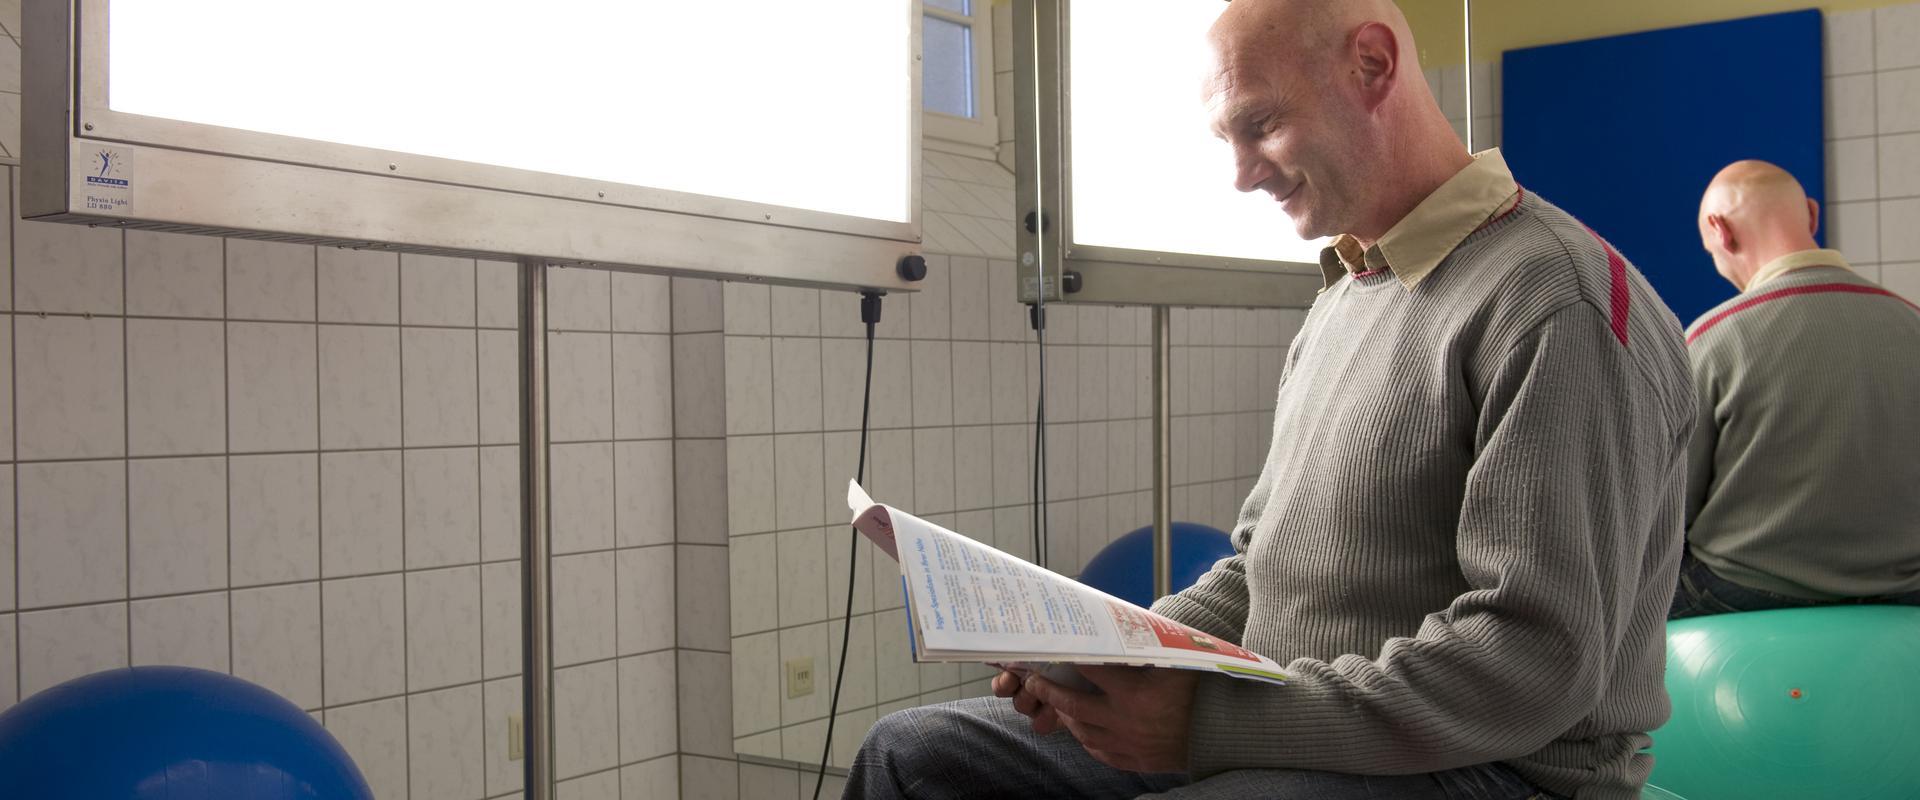 Patient sitzt auf einem Fitnessball und ließt in der MEDIAN Klinik Römhild